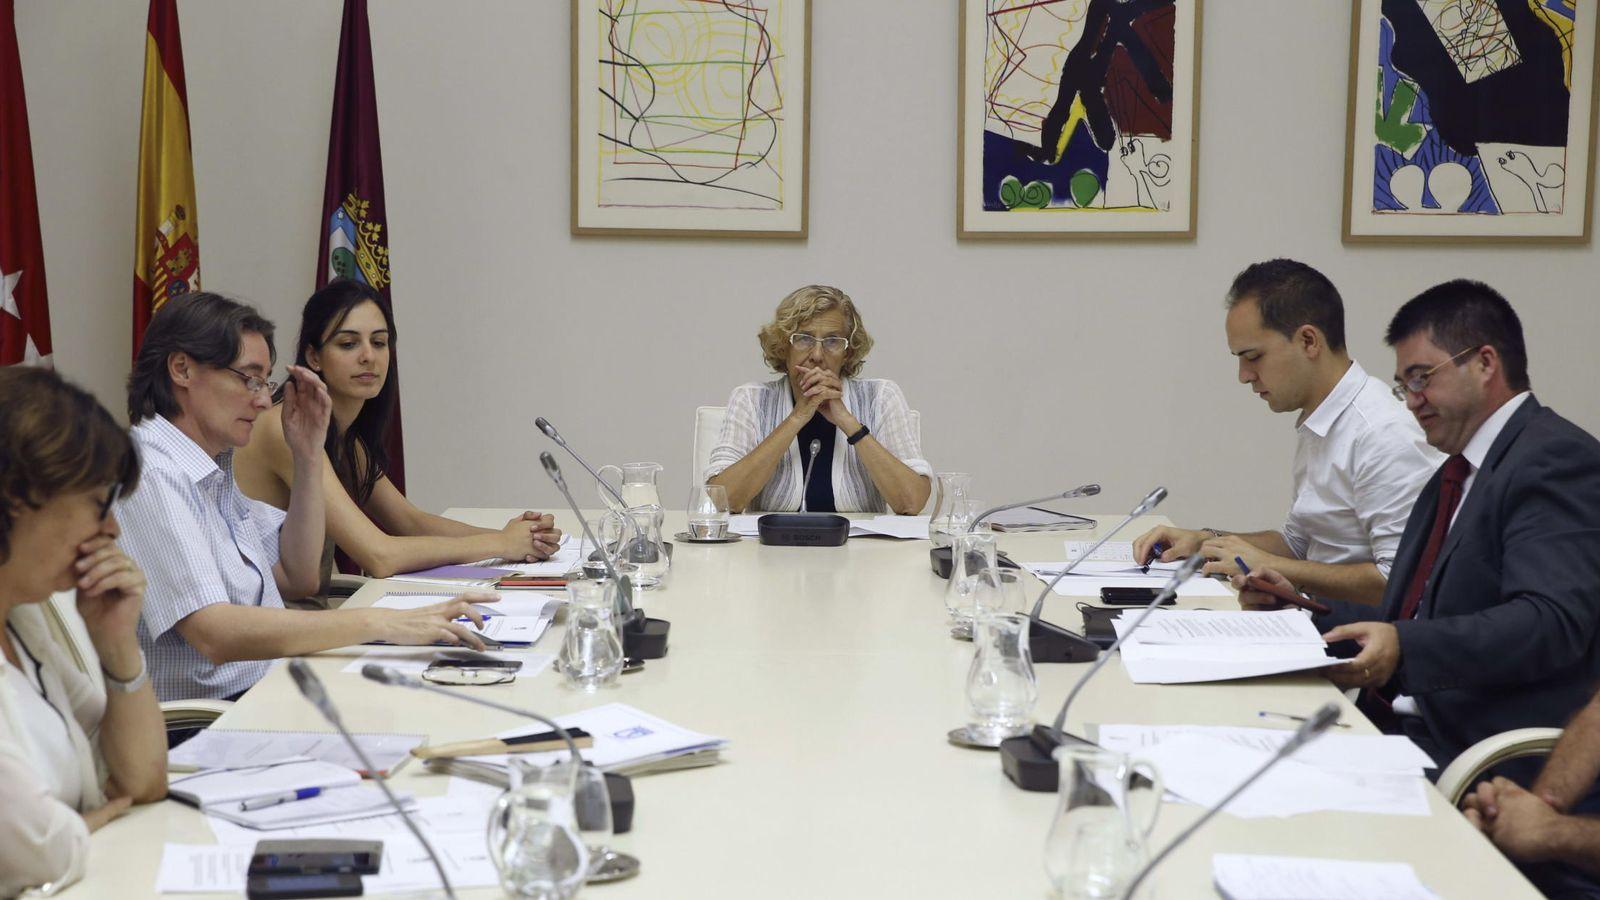 Foto: Reunión de la Junta de Gobierno Municipal, presidida por Manuela Carmena. (EFE)